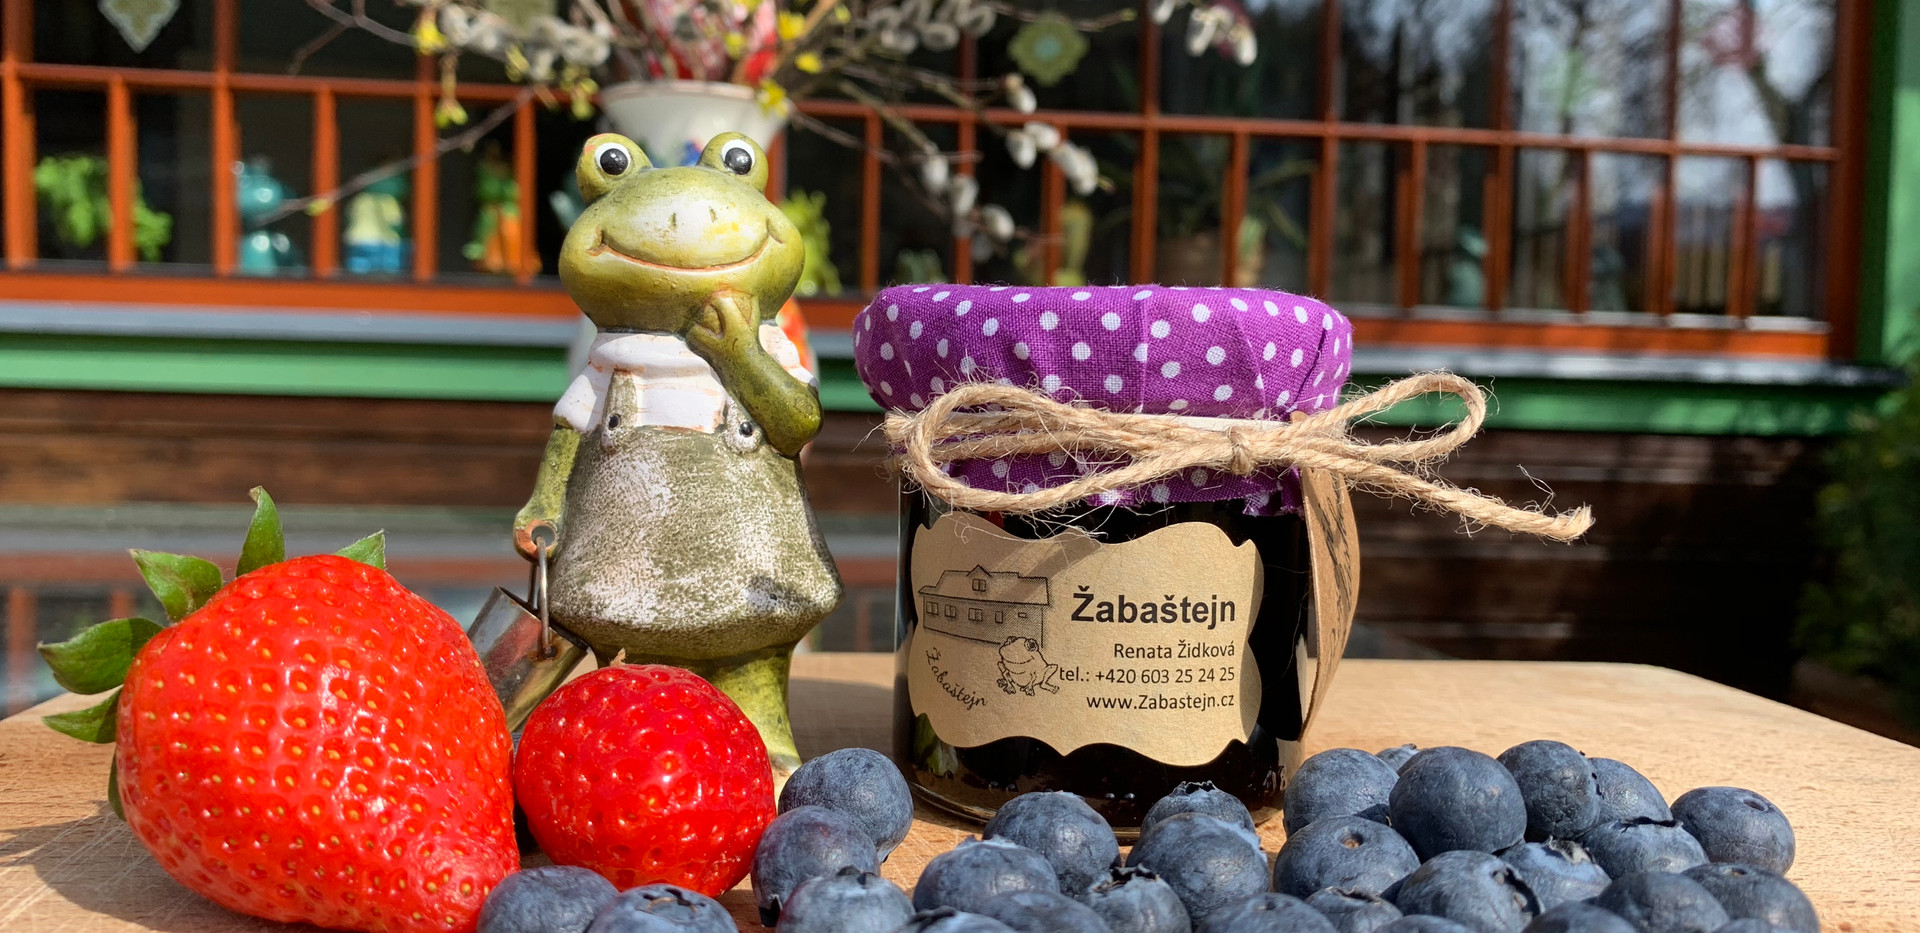 Žabaštejnské domácí marmelády - borůvková